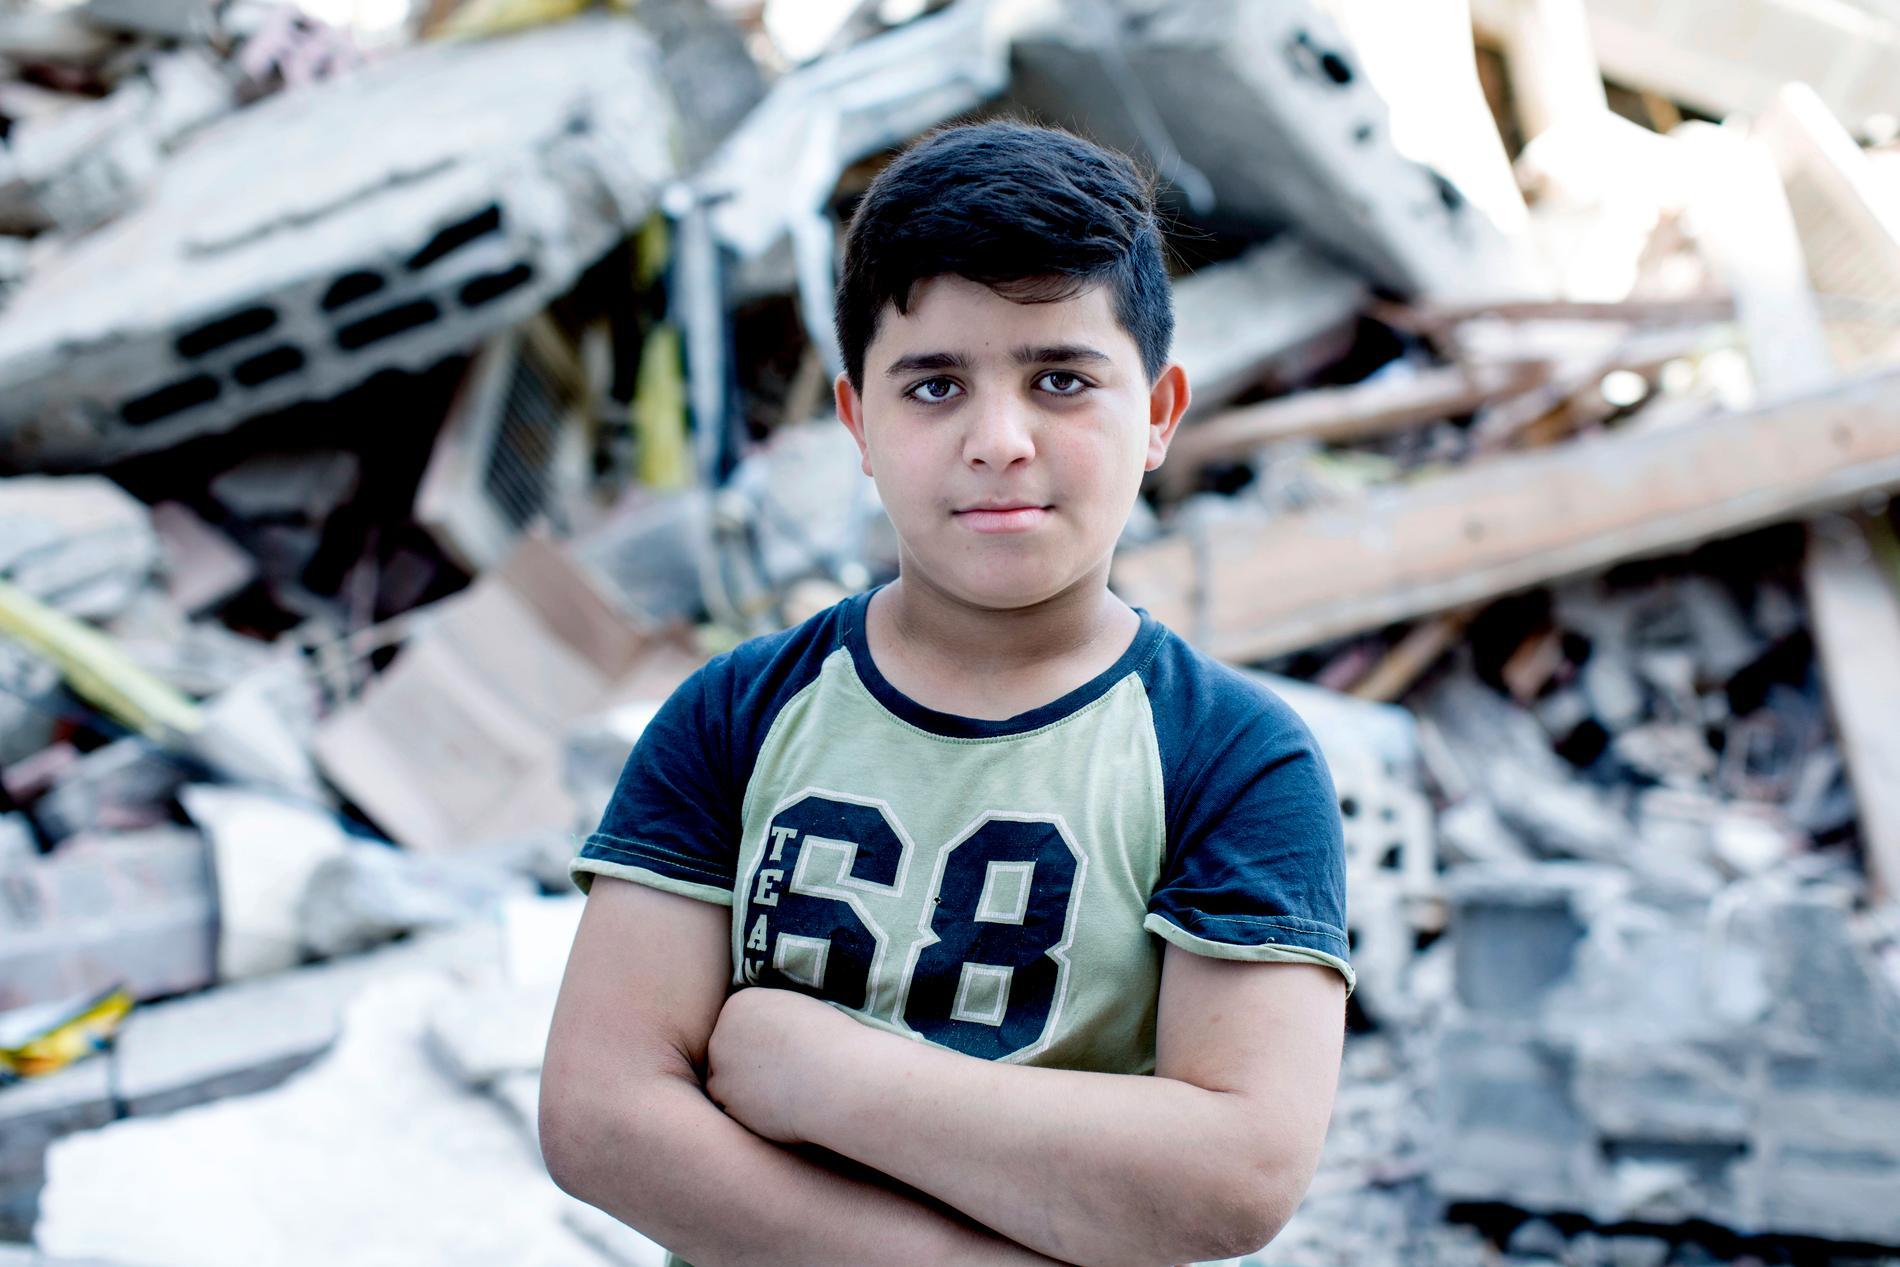 Matez Hemed, 10, förlorade fyra kompisar i bombattackerna.